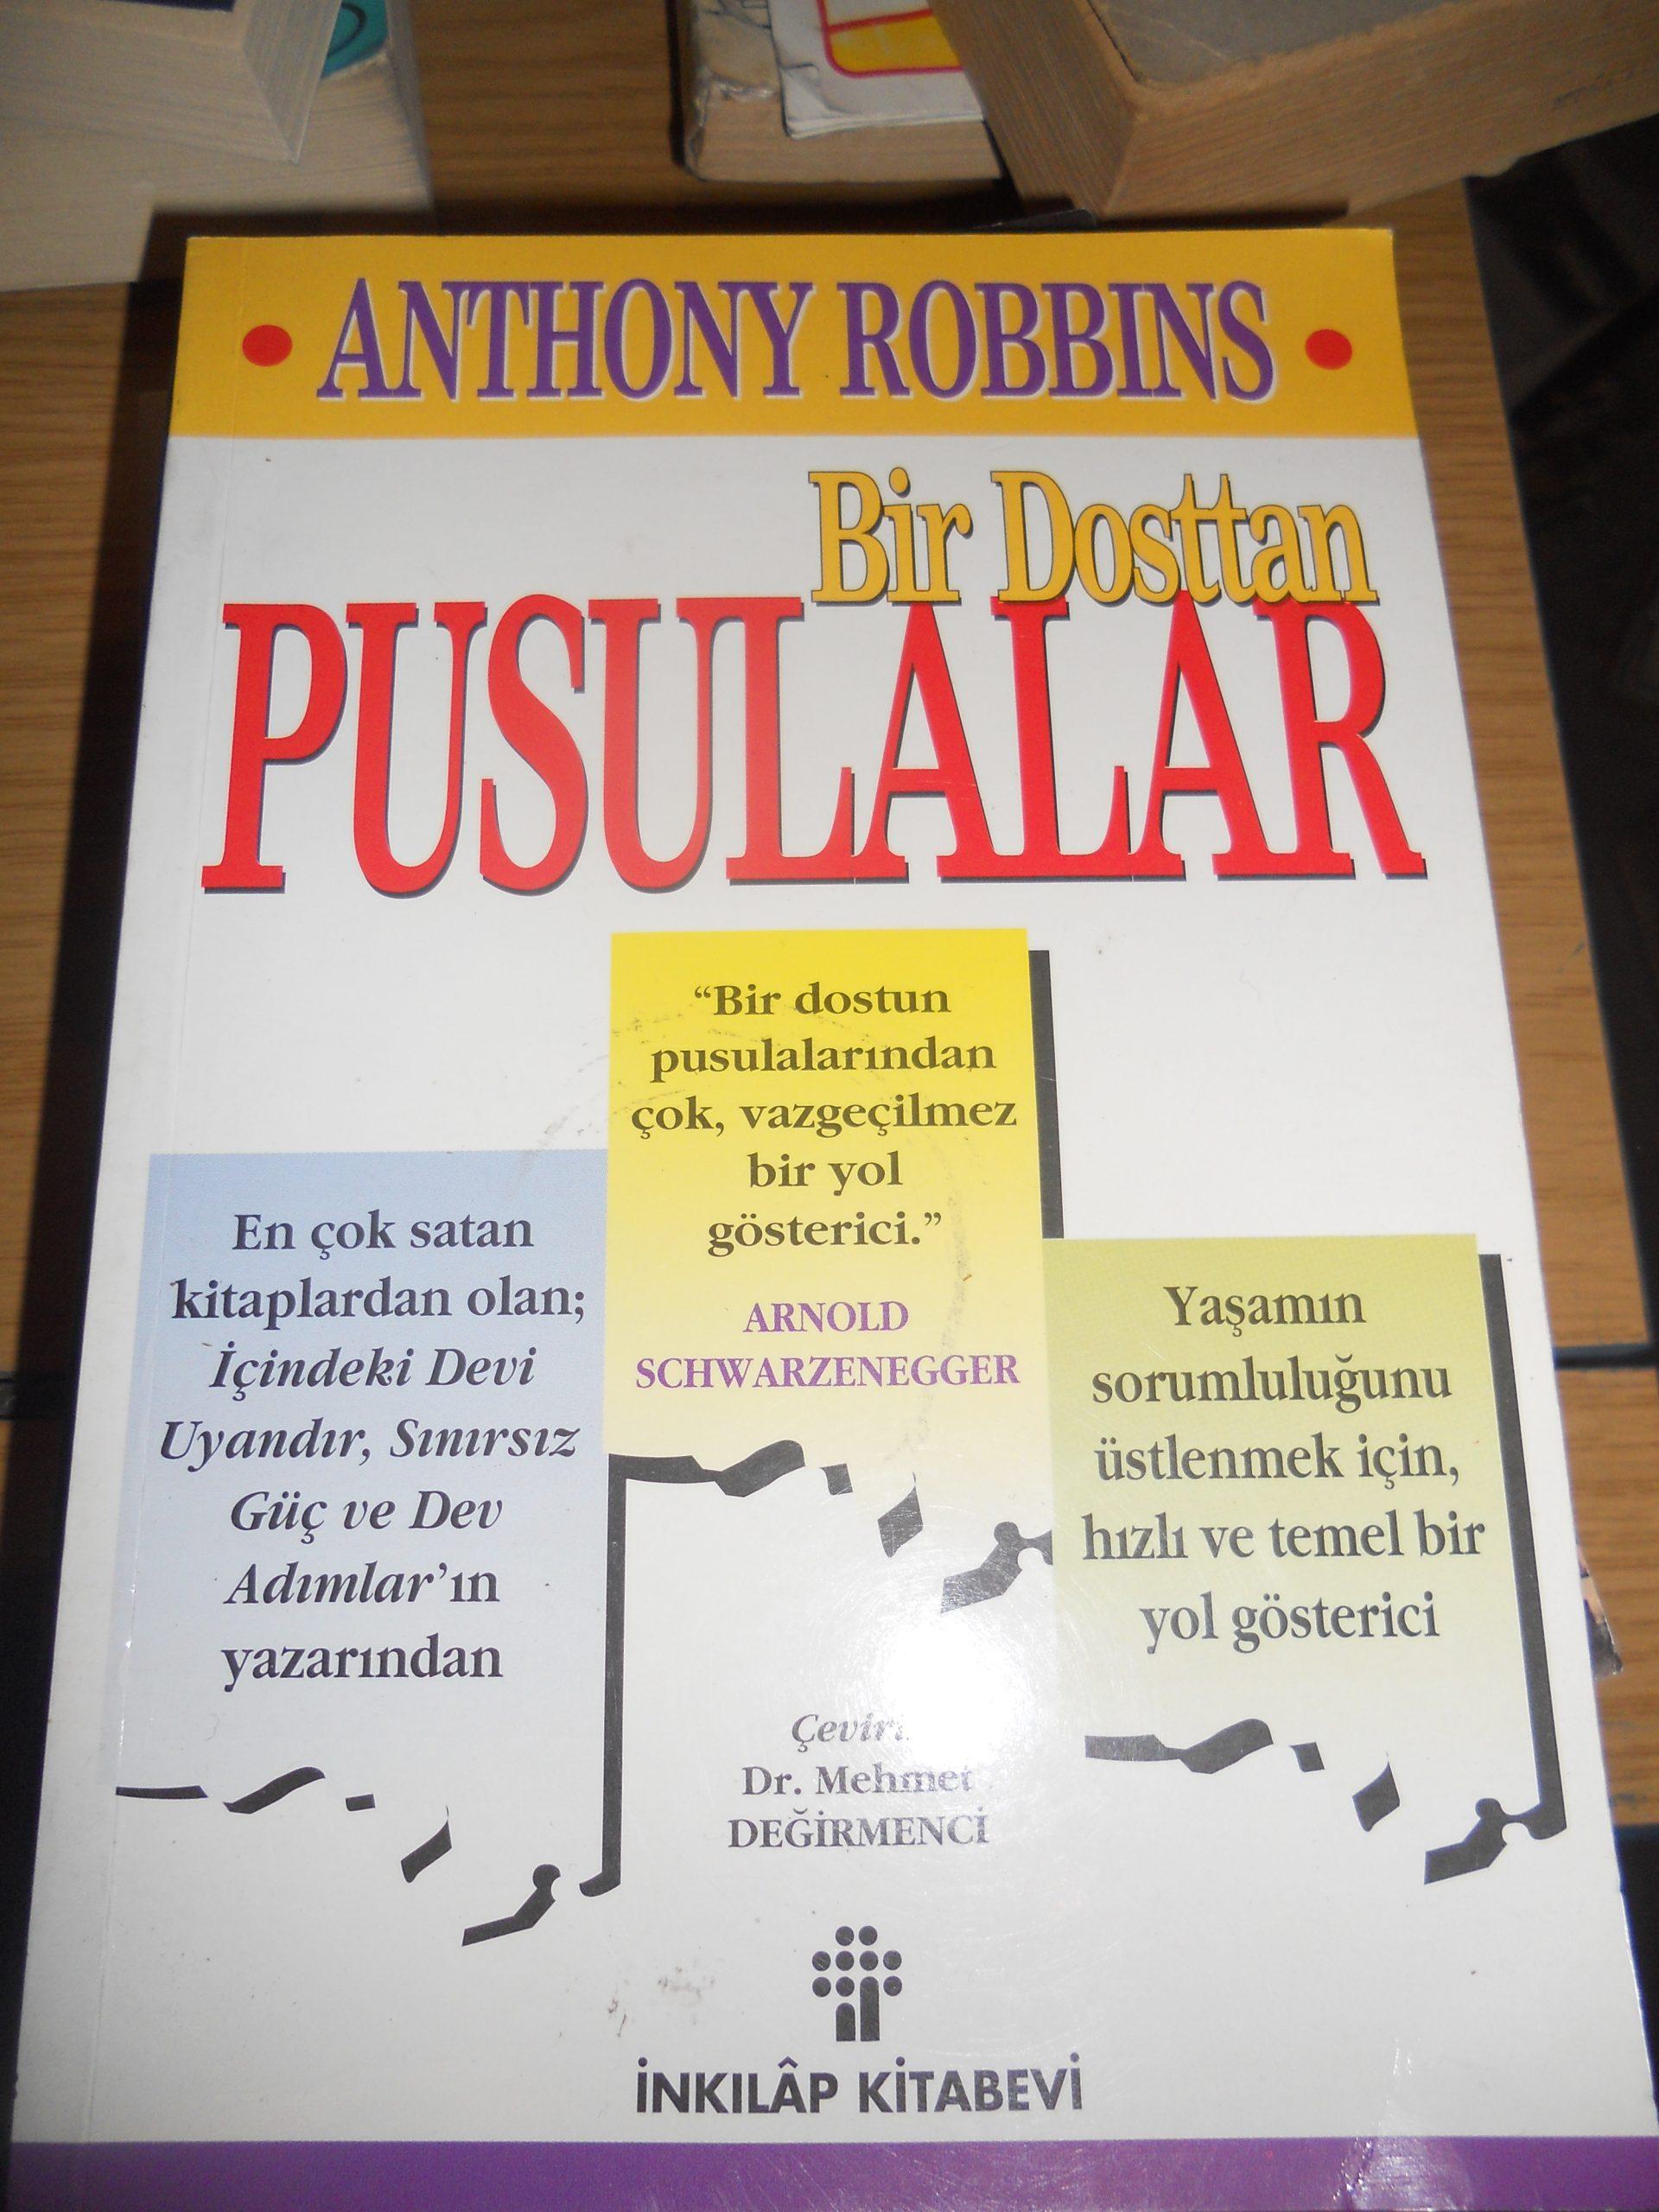 Bir Dosttan PUSULALAR/ Anthony ROBBINS/ 15 TL